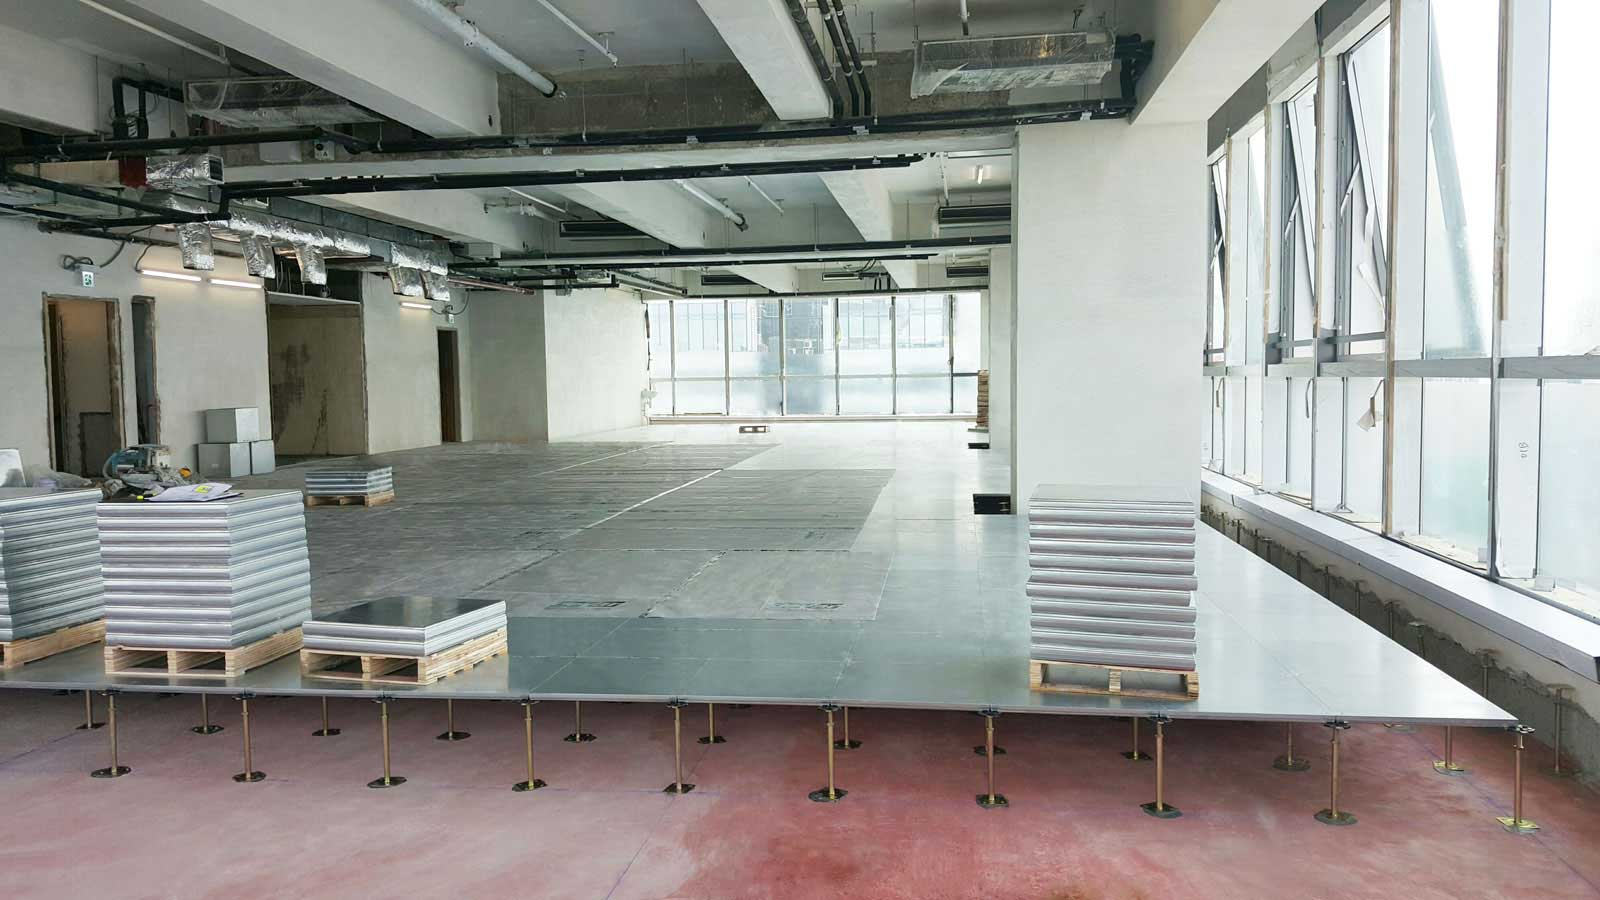 Raised Access Flooring System Devar Installed